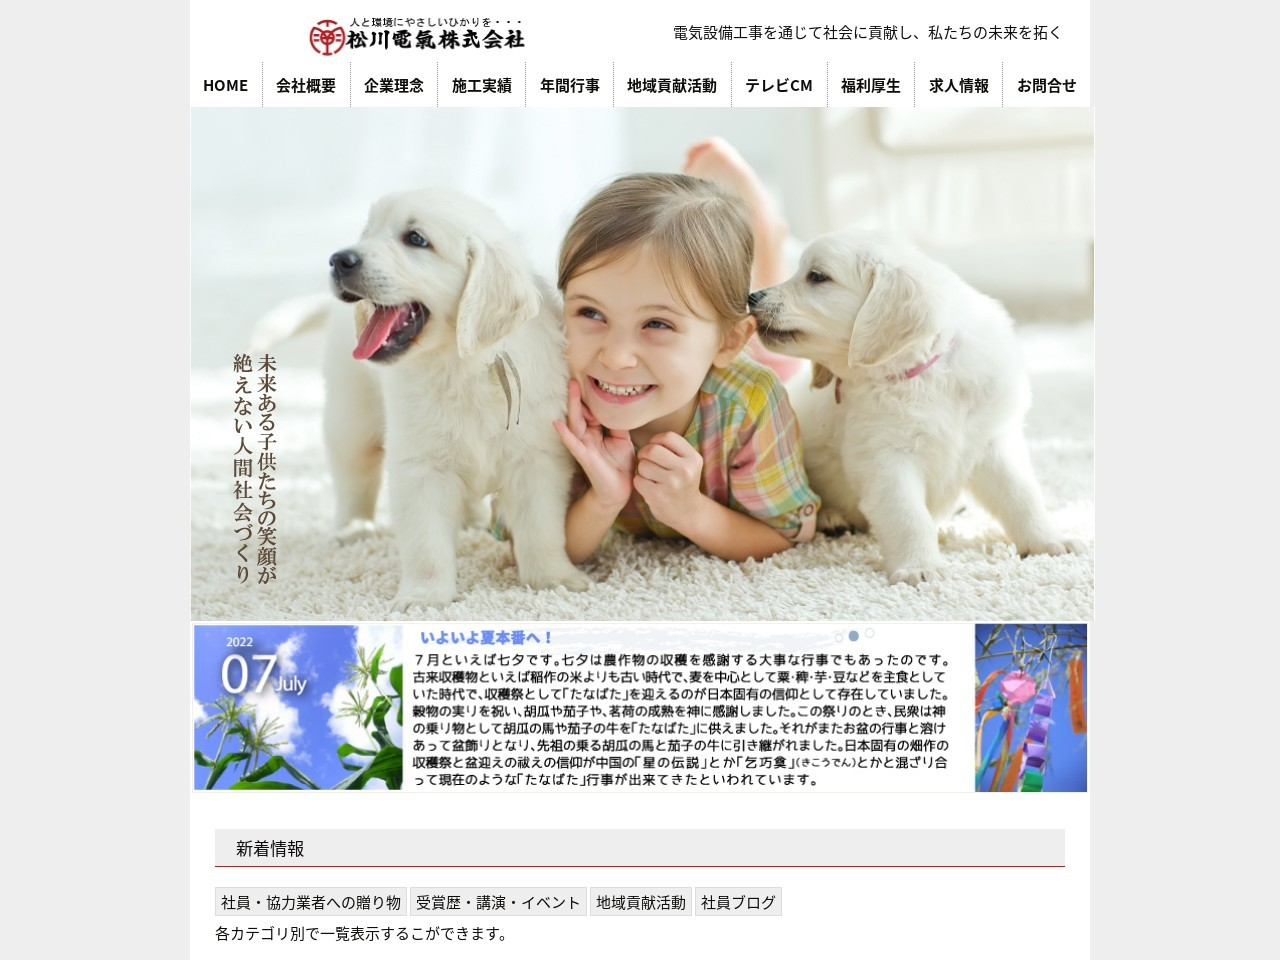 松川電氣株式会社